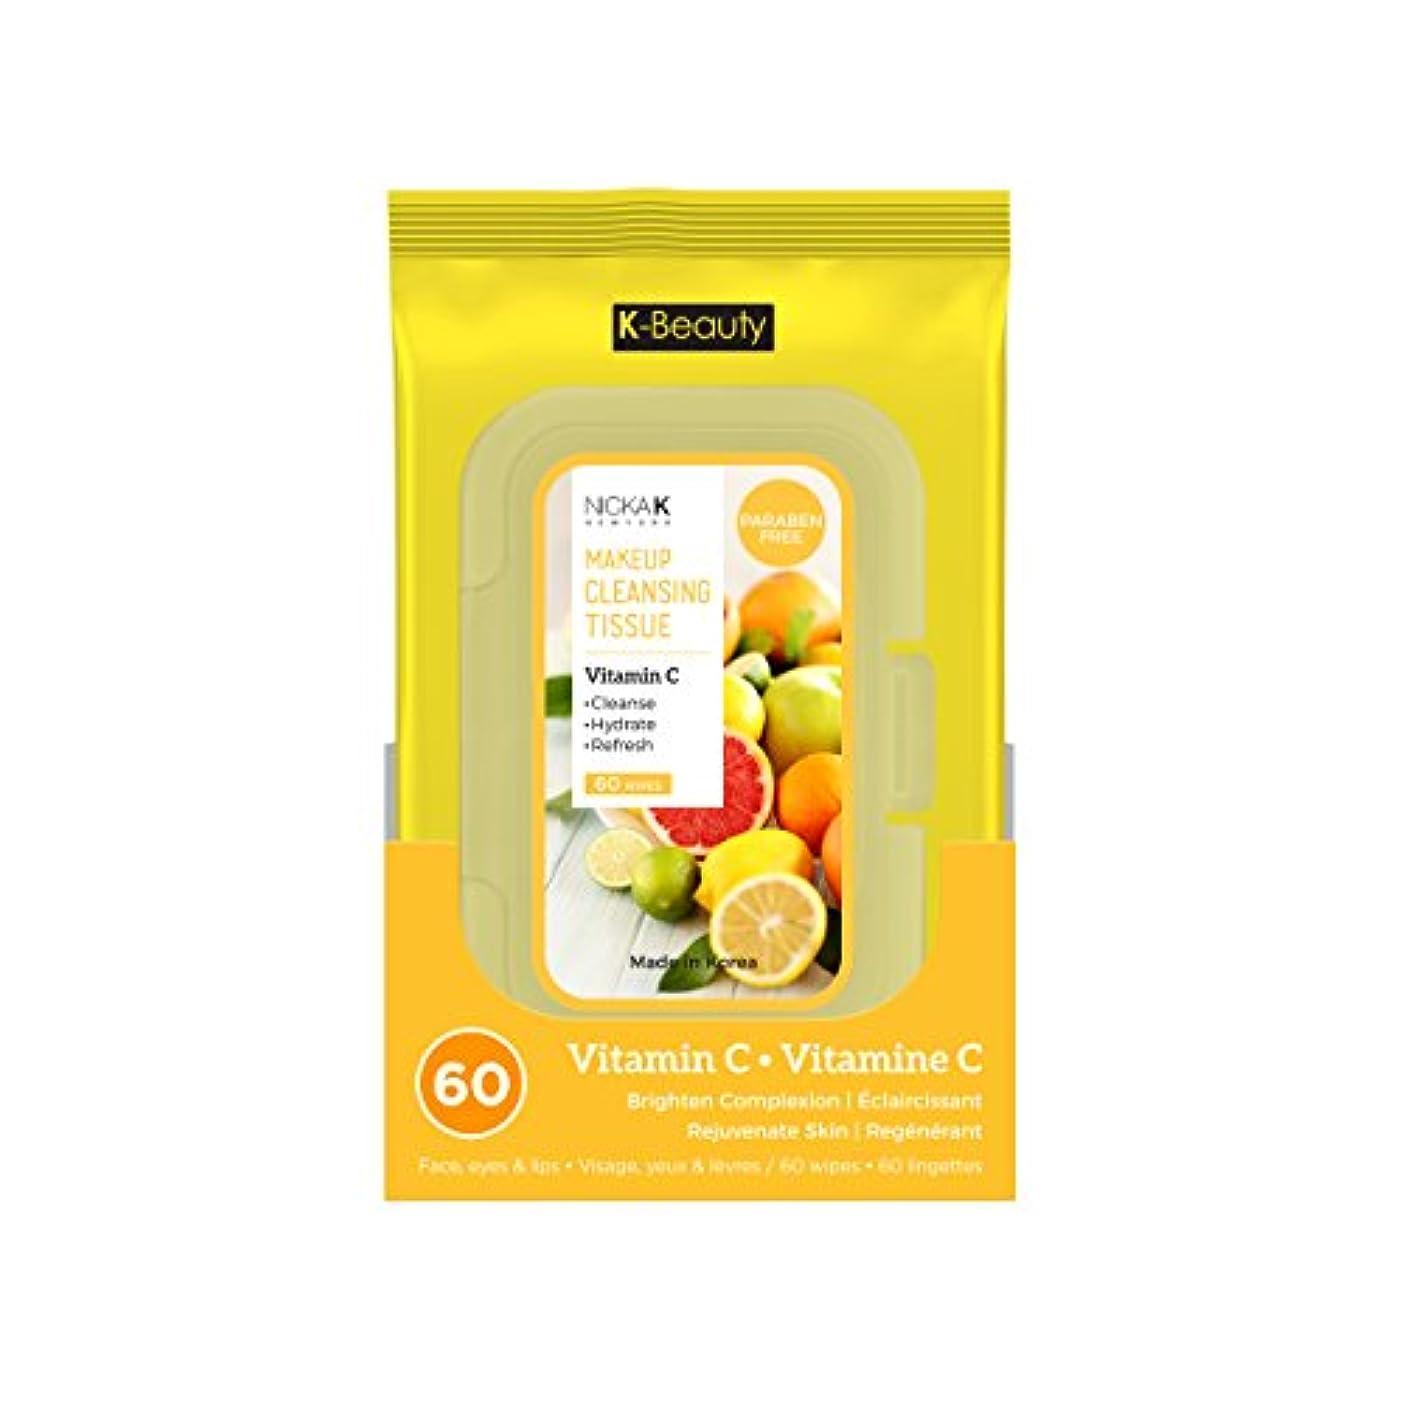 制限された減る証拠NICKA K Make Up Cleansing Tissue - Vitamin C (並行輸入品)